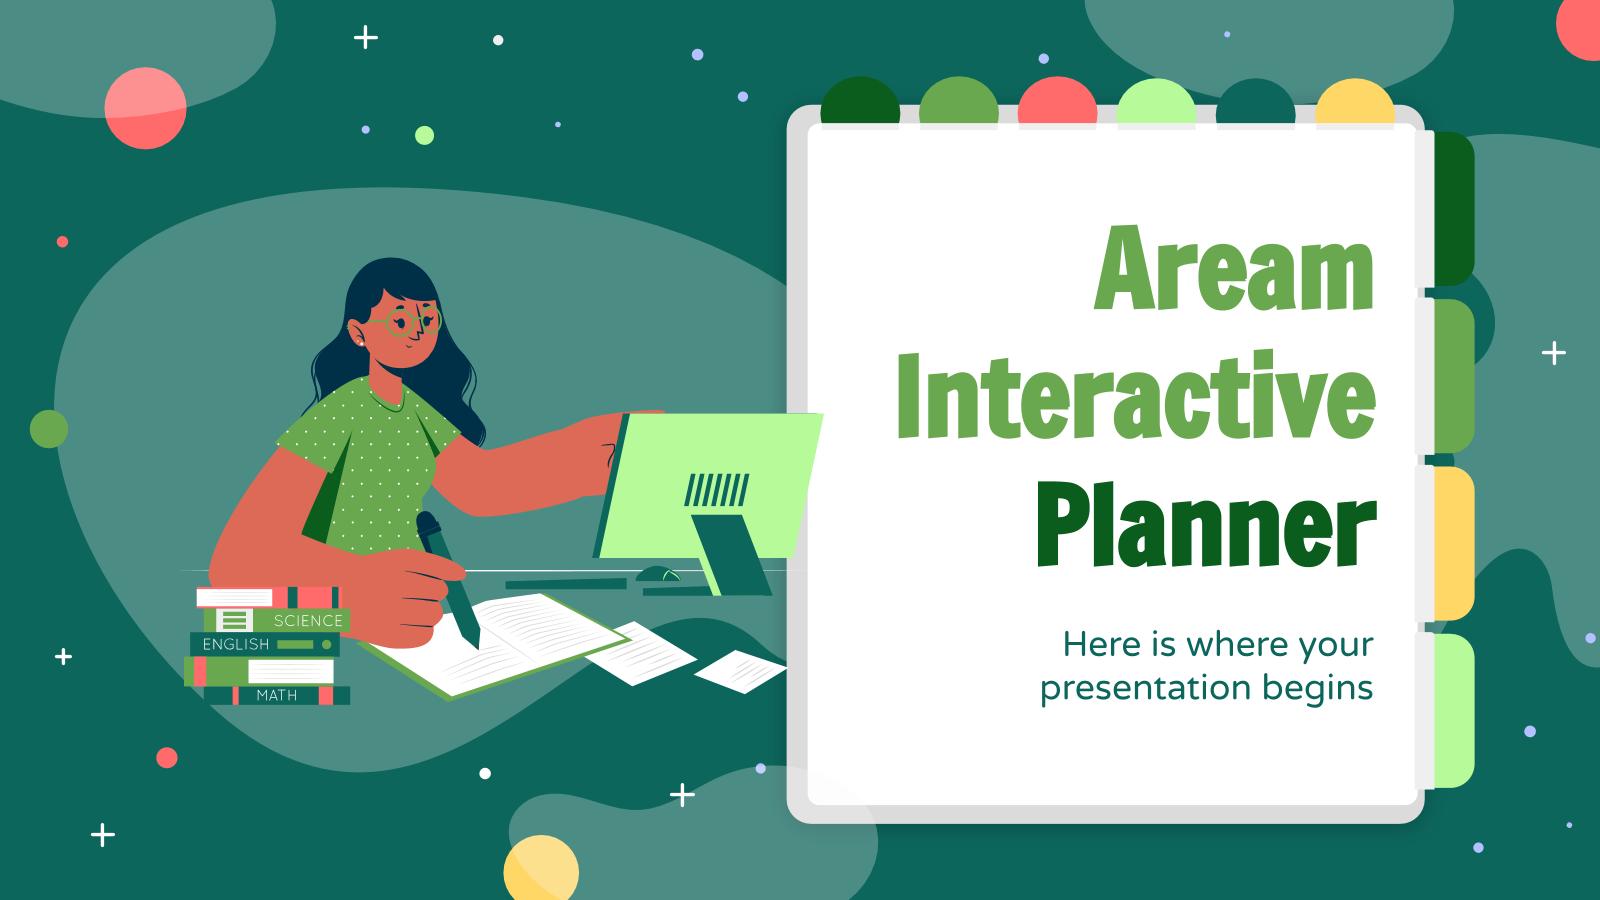 Modelo de apresentação Agenda interativa Aream